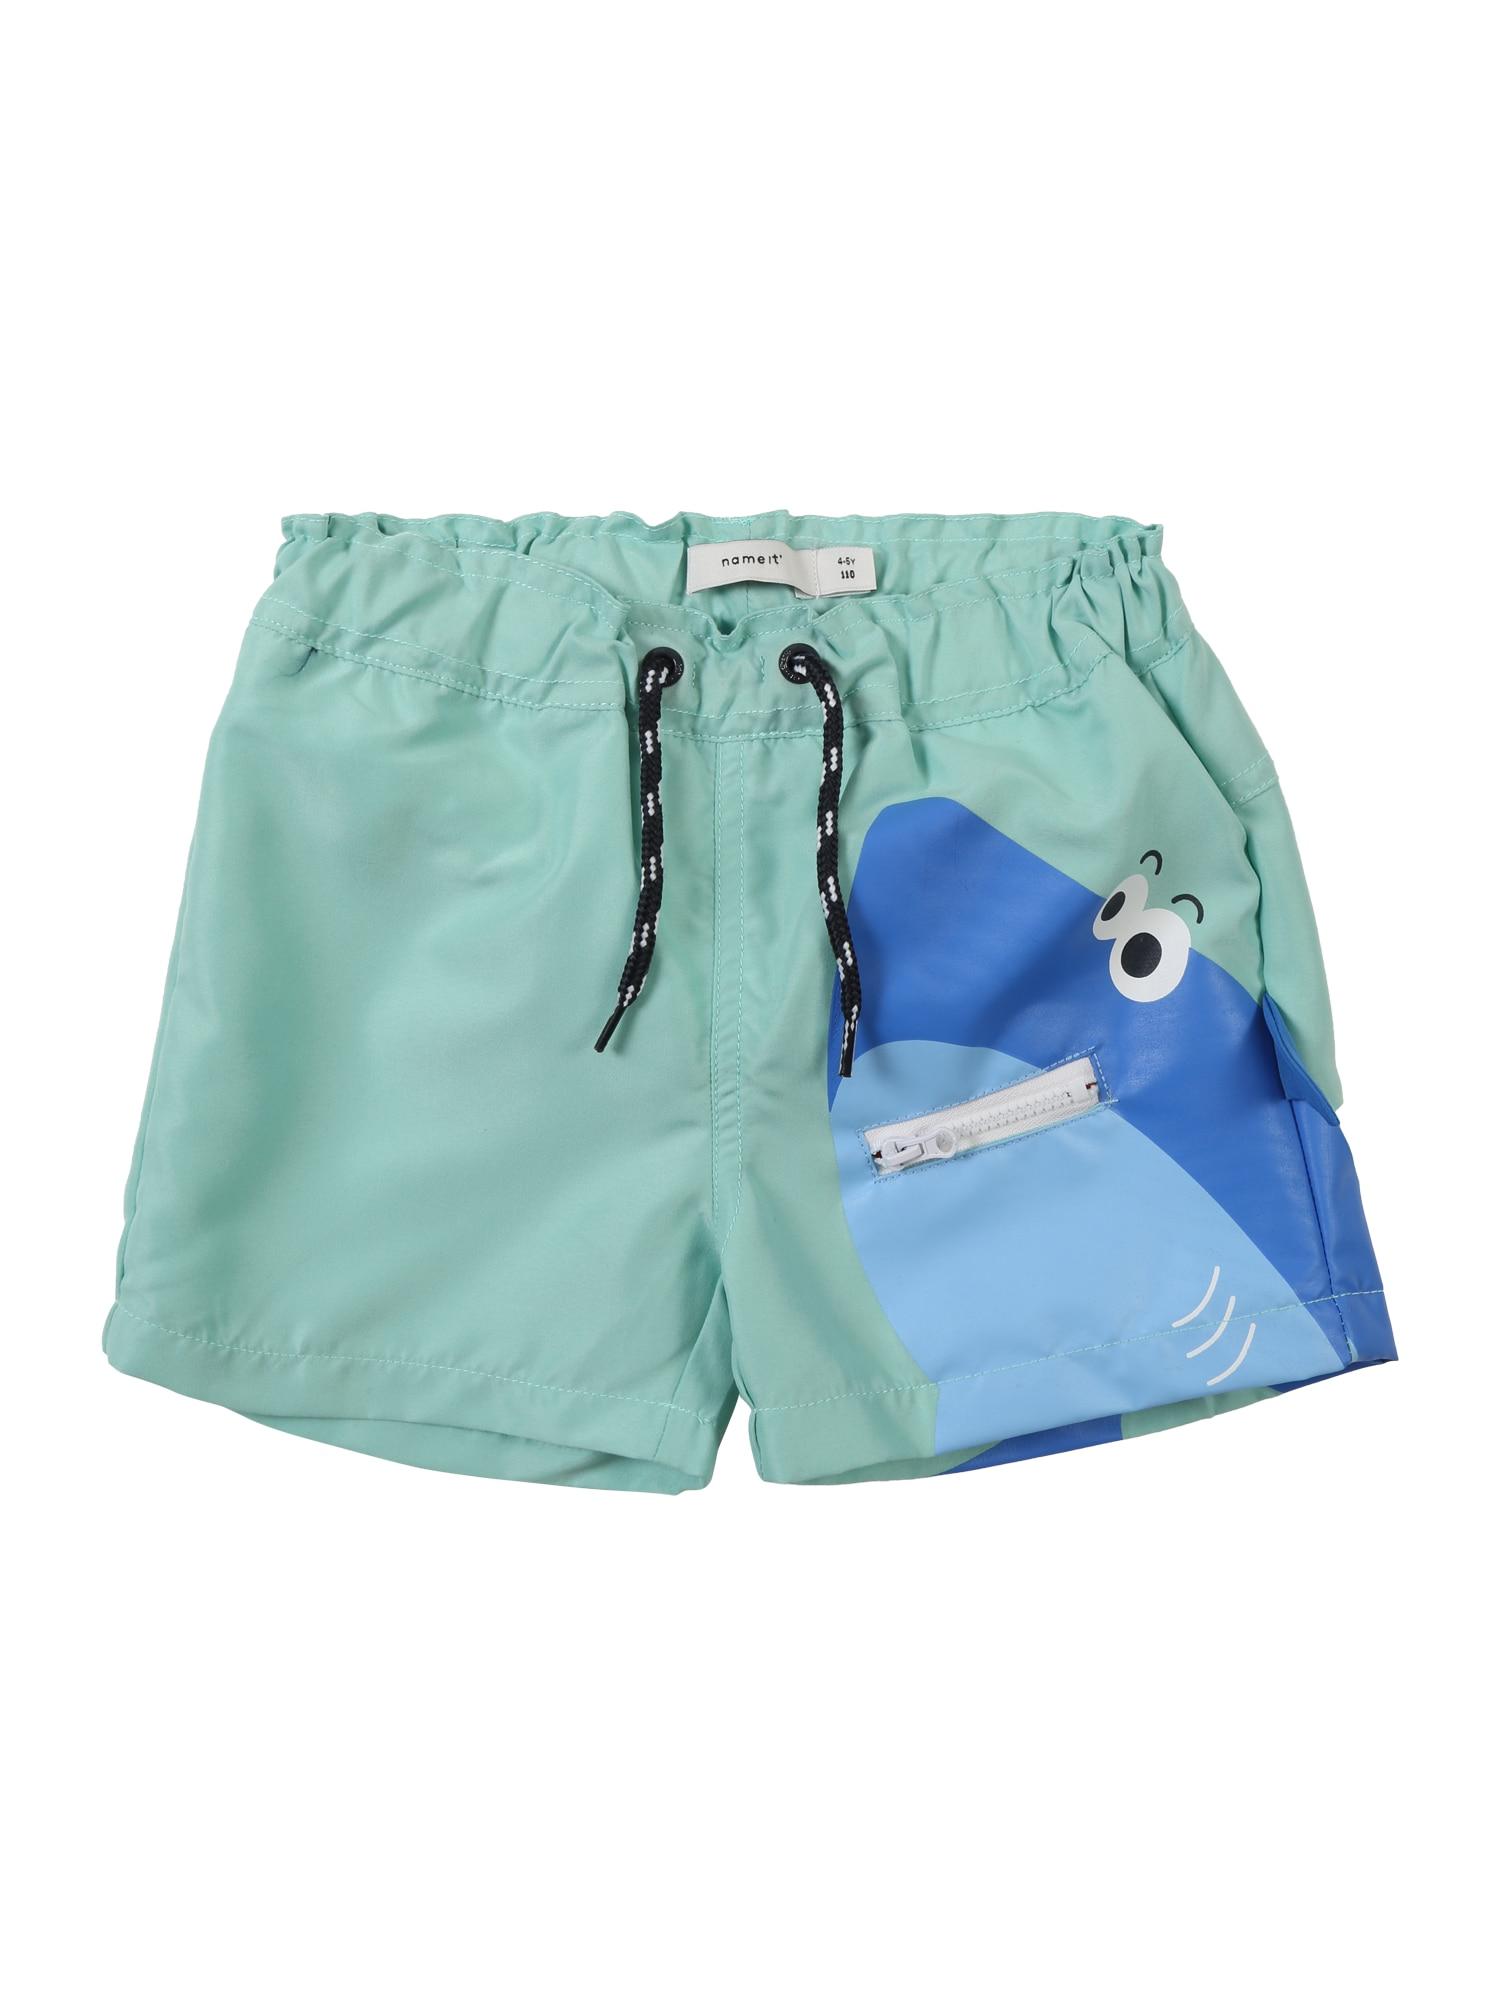 Plavecké šortky Zharky modrá tyrkysová světlemodrá bílá NAME IT